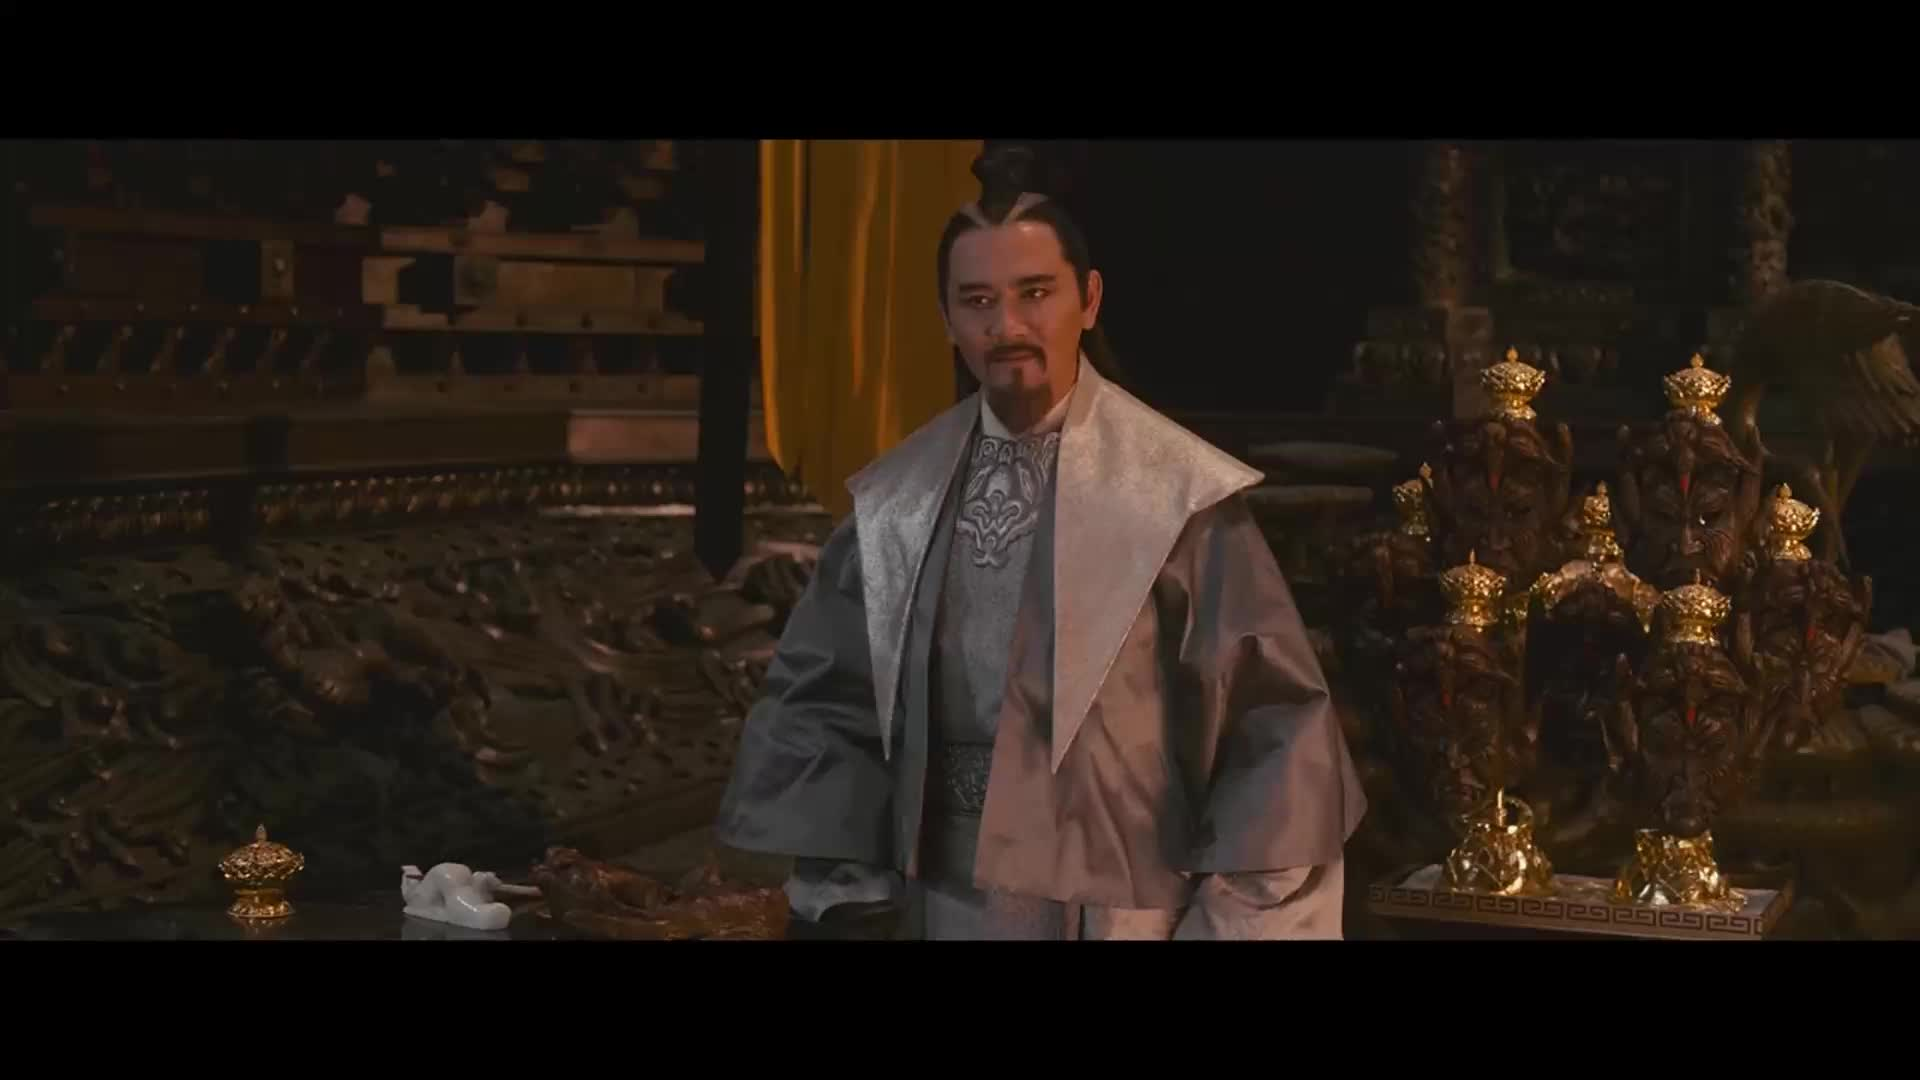 张道仙说着天上神仙的位置然后自己就坐到玉皇大帝的位置去了